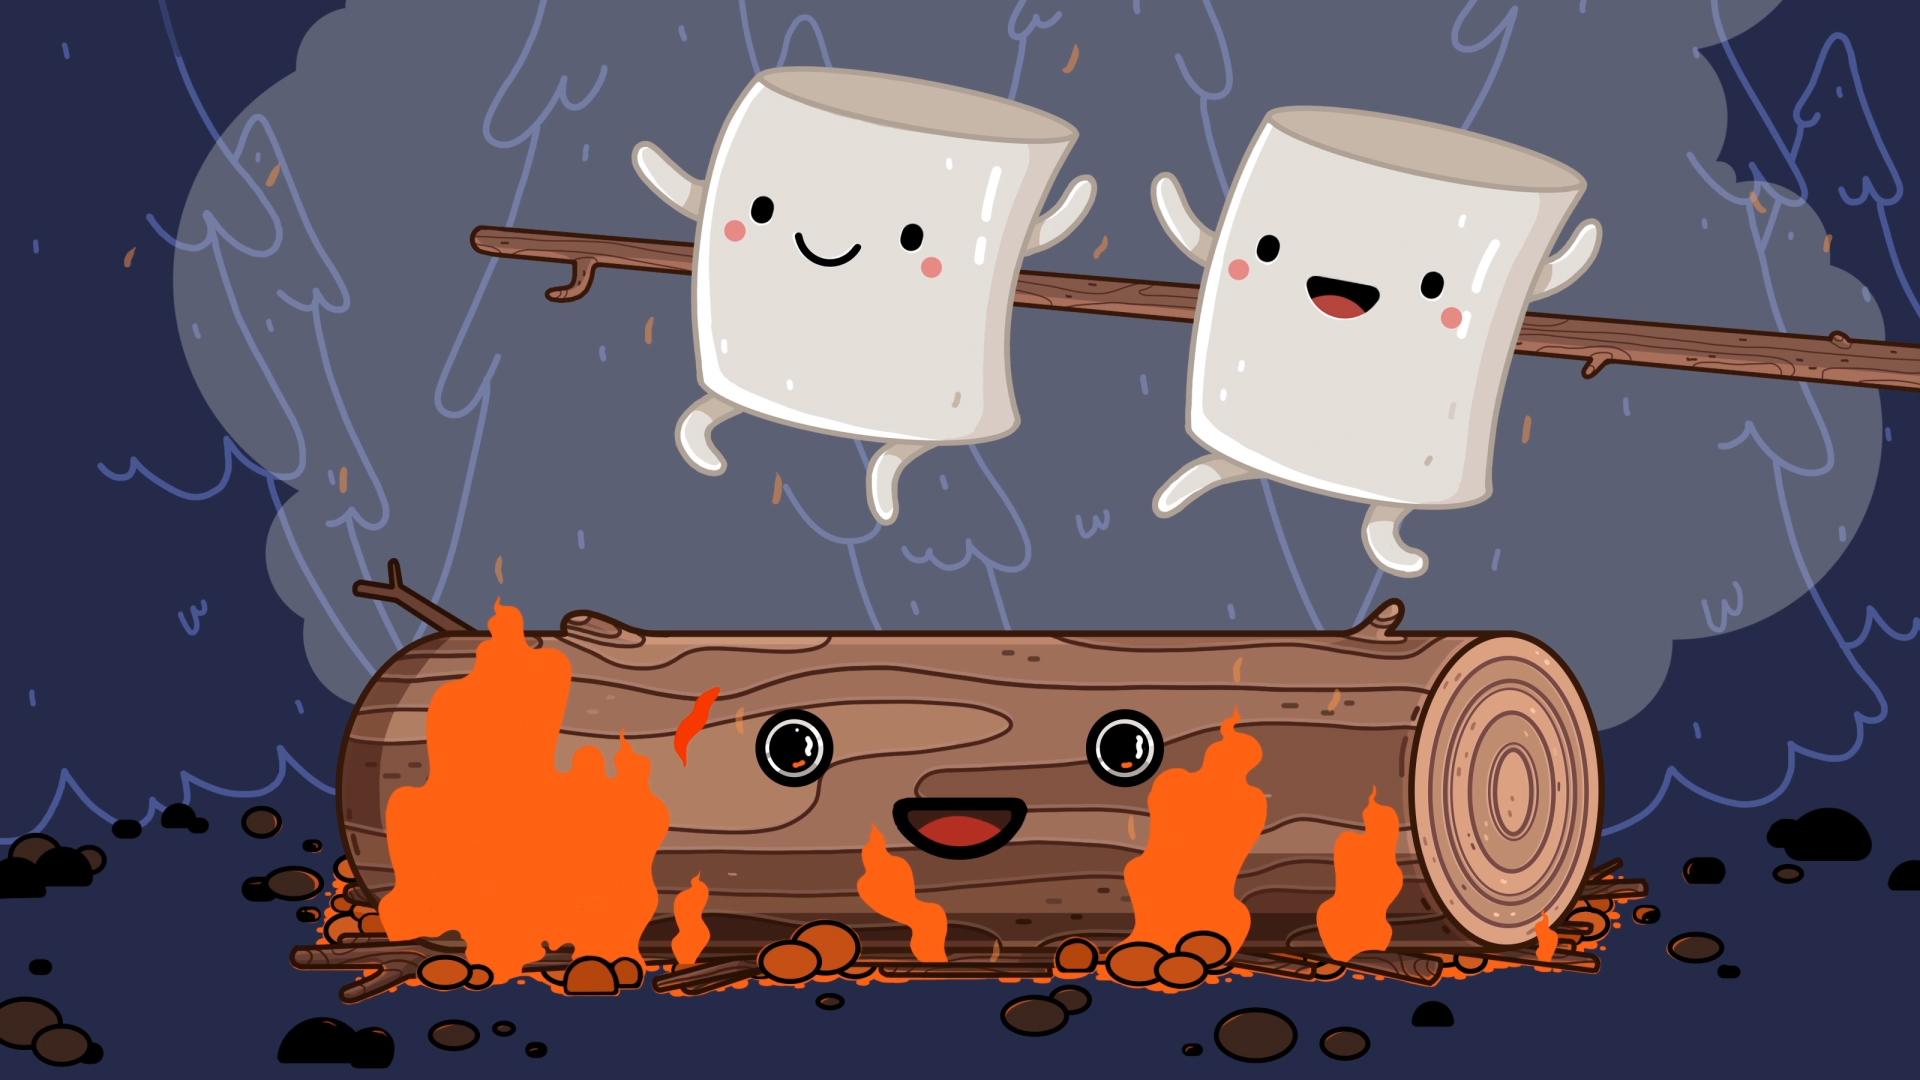 Illustration by Megan Pelto ( meganpelto.com )